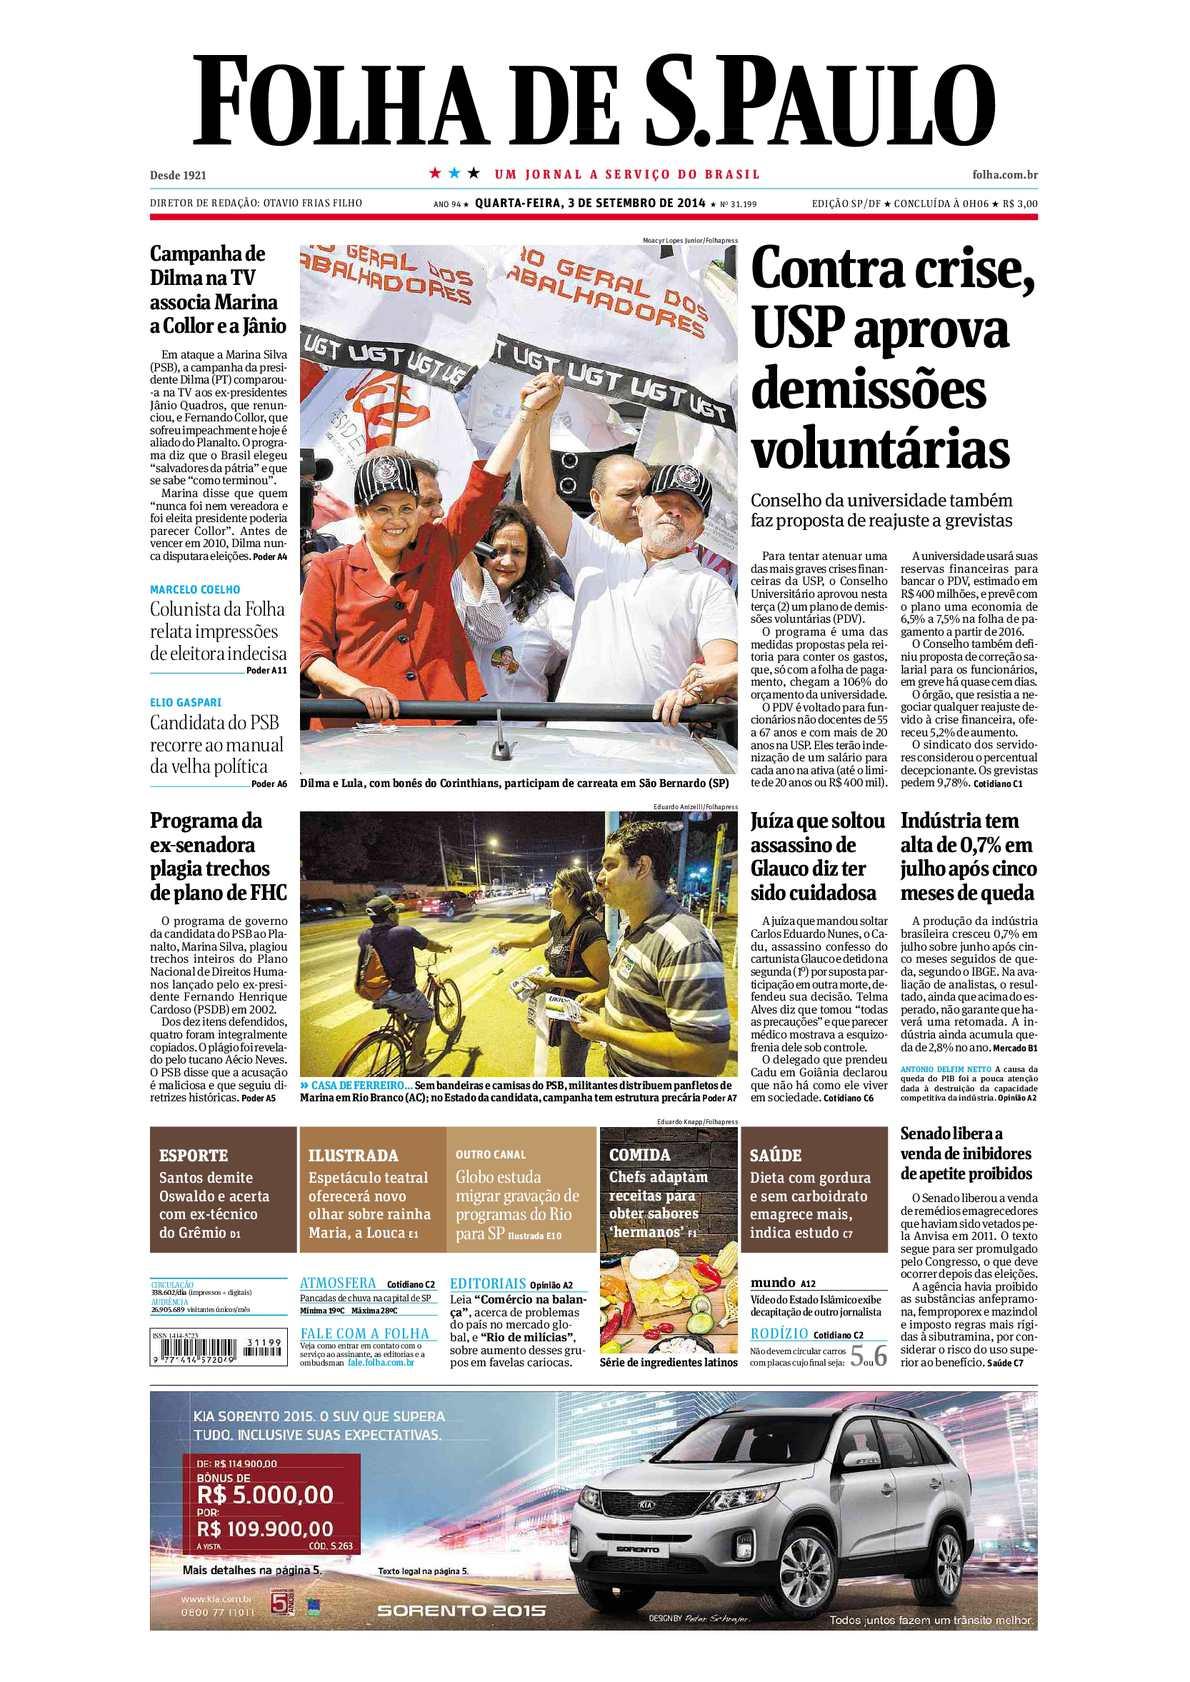 9c31c9335 Calaméo - Folha de São Paulo - 03 de Setembro de 2014